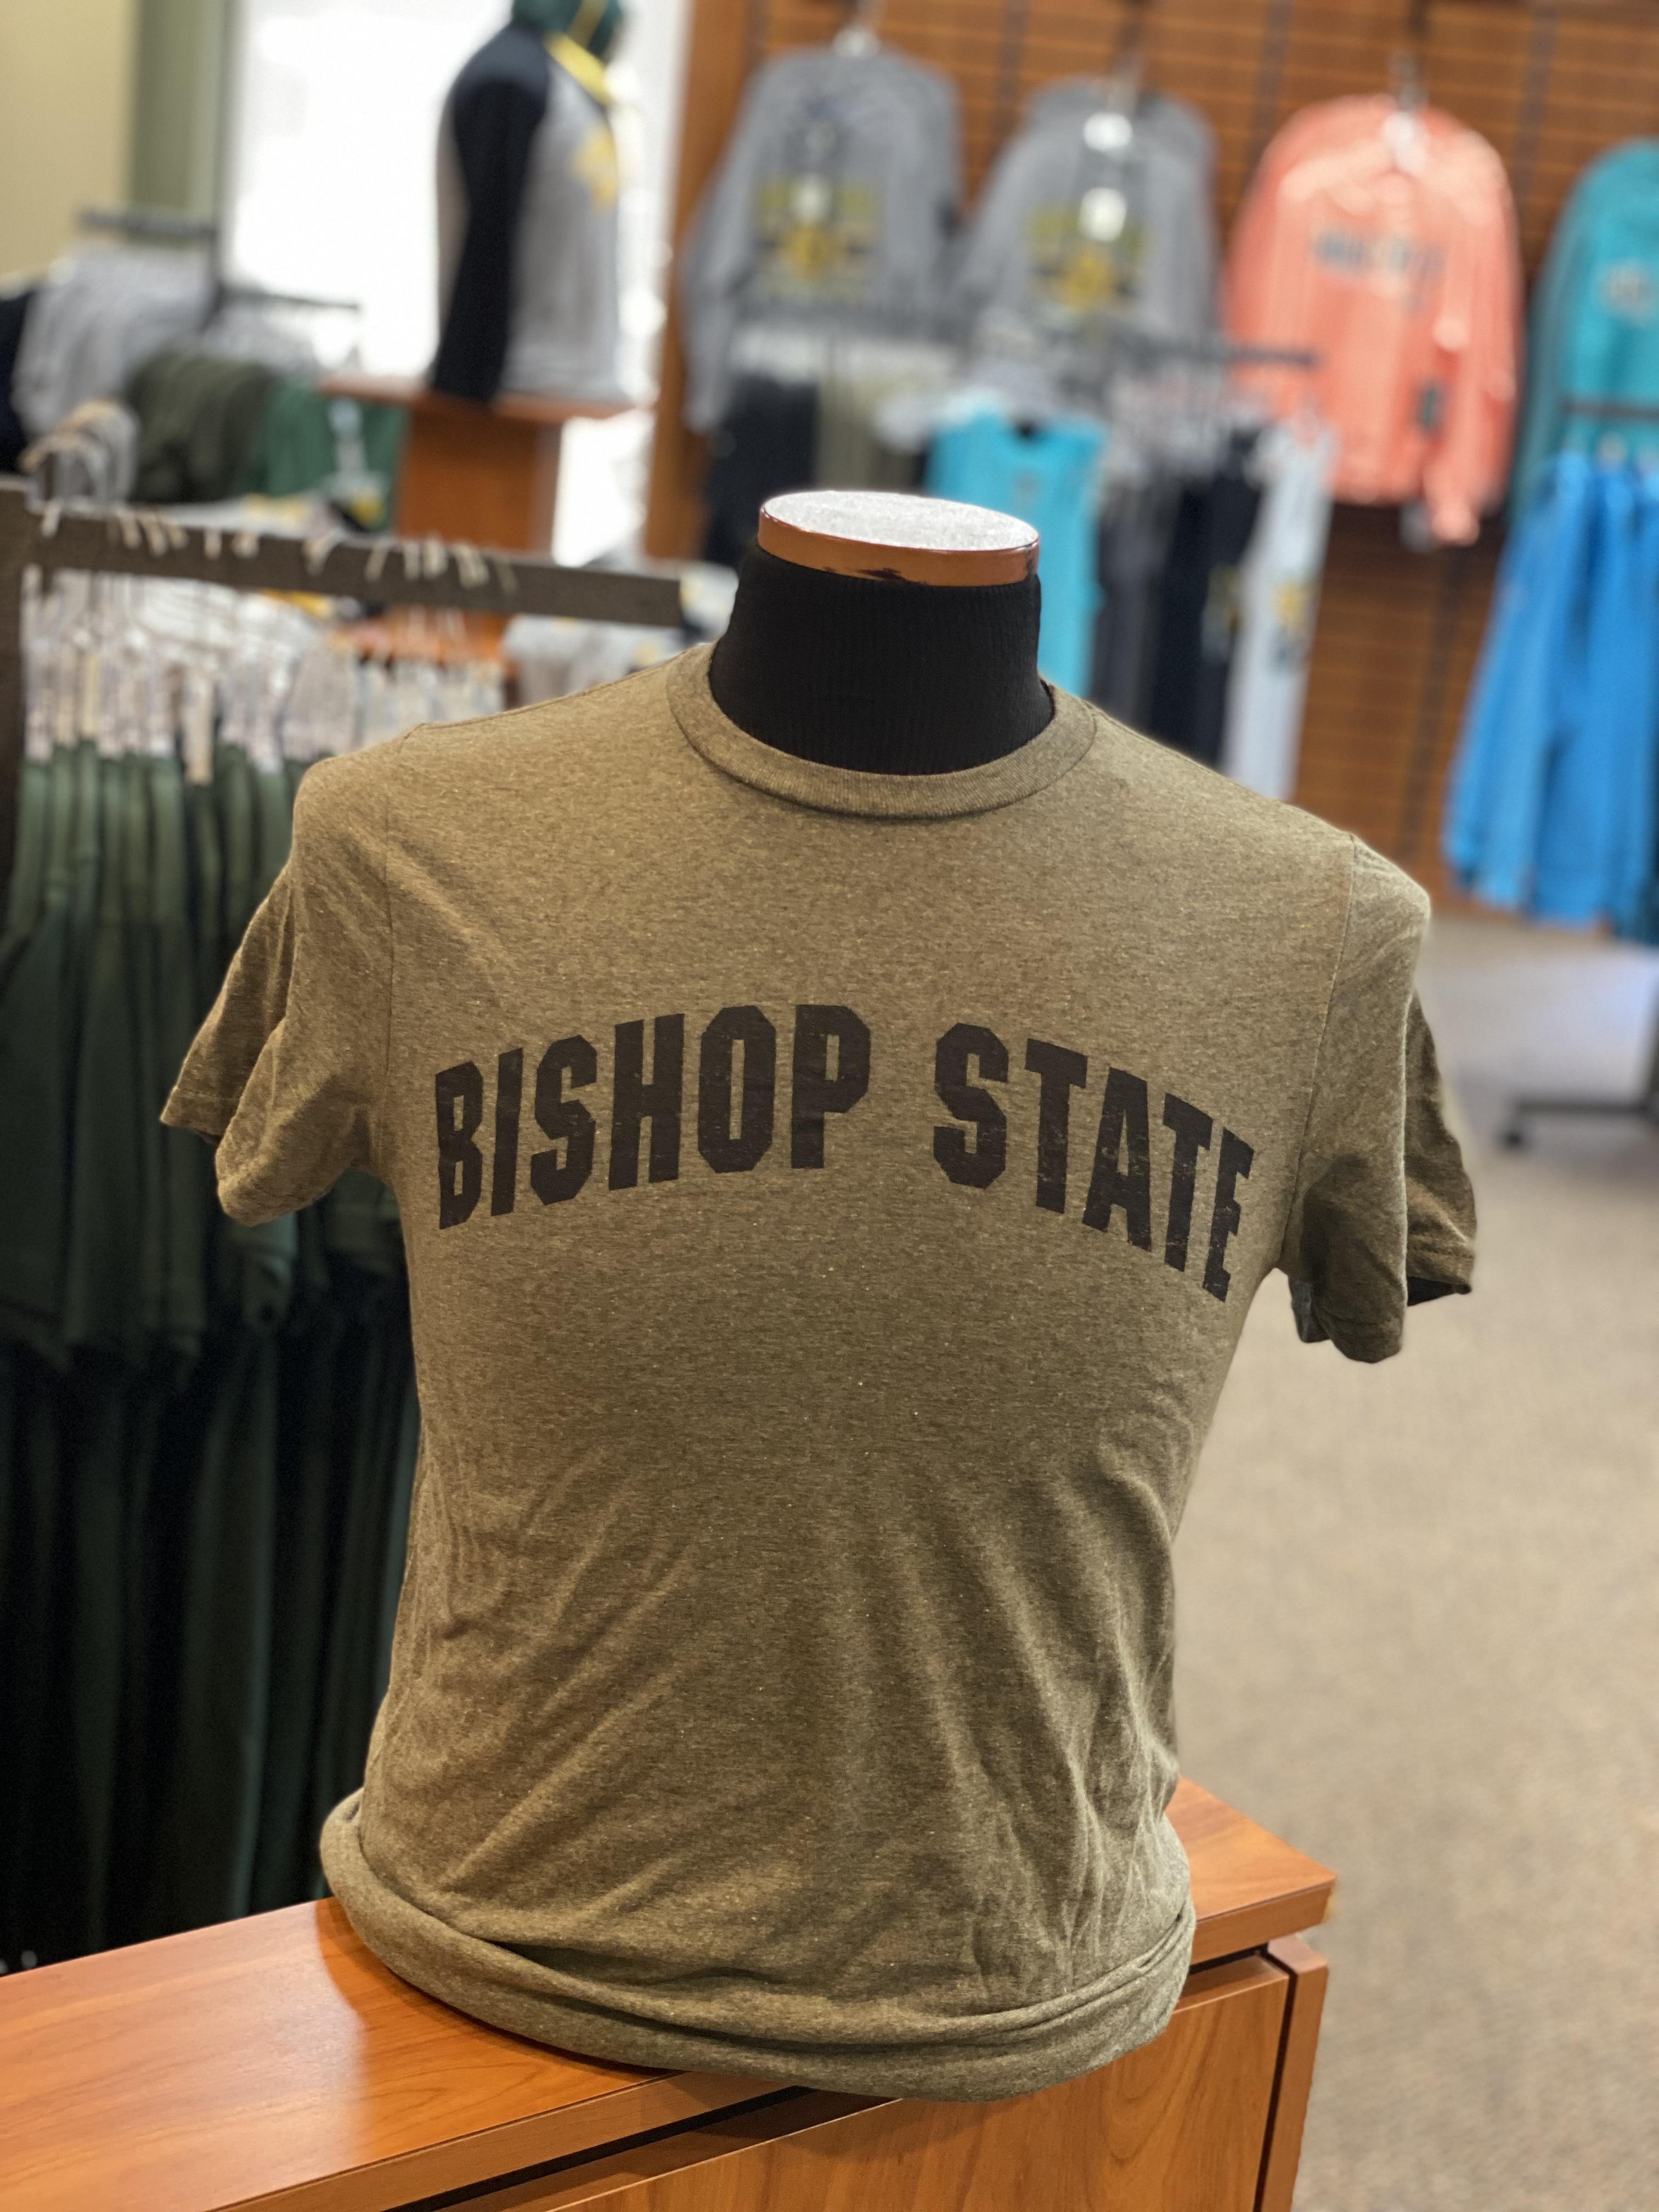 Bishop State Short Sleeve Shirt